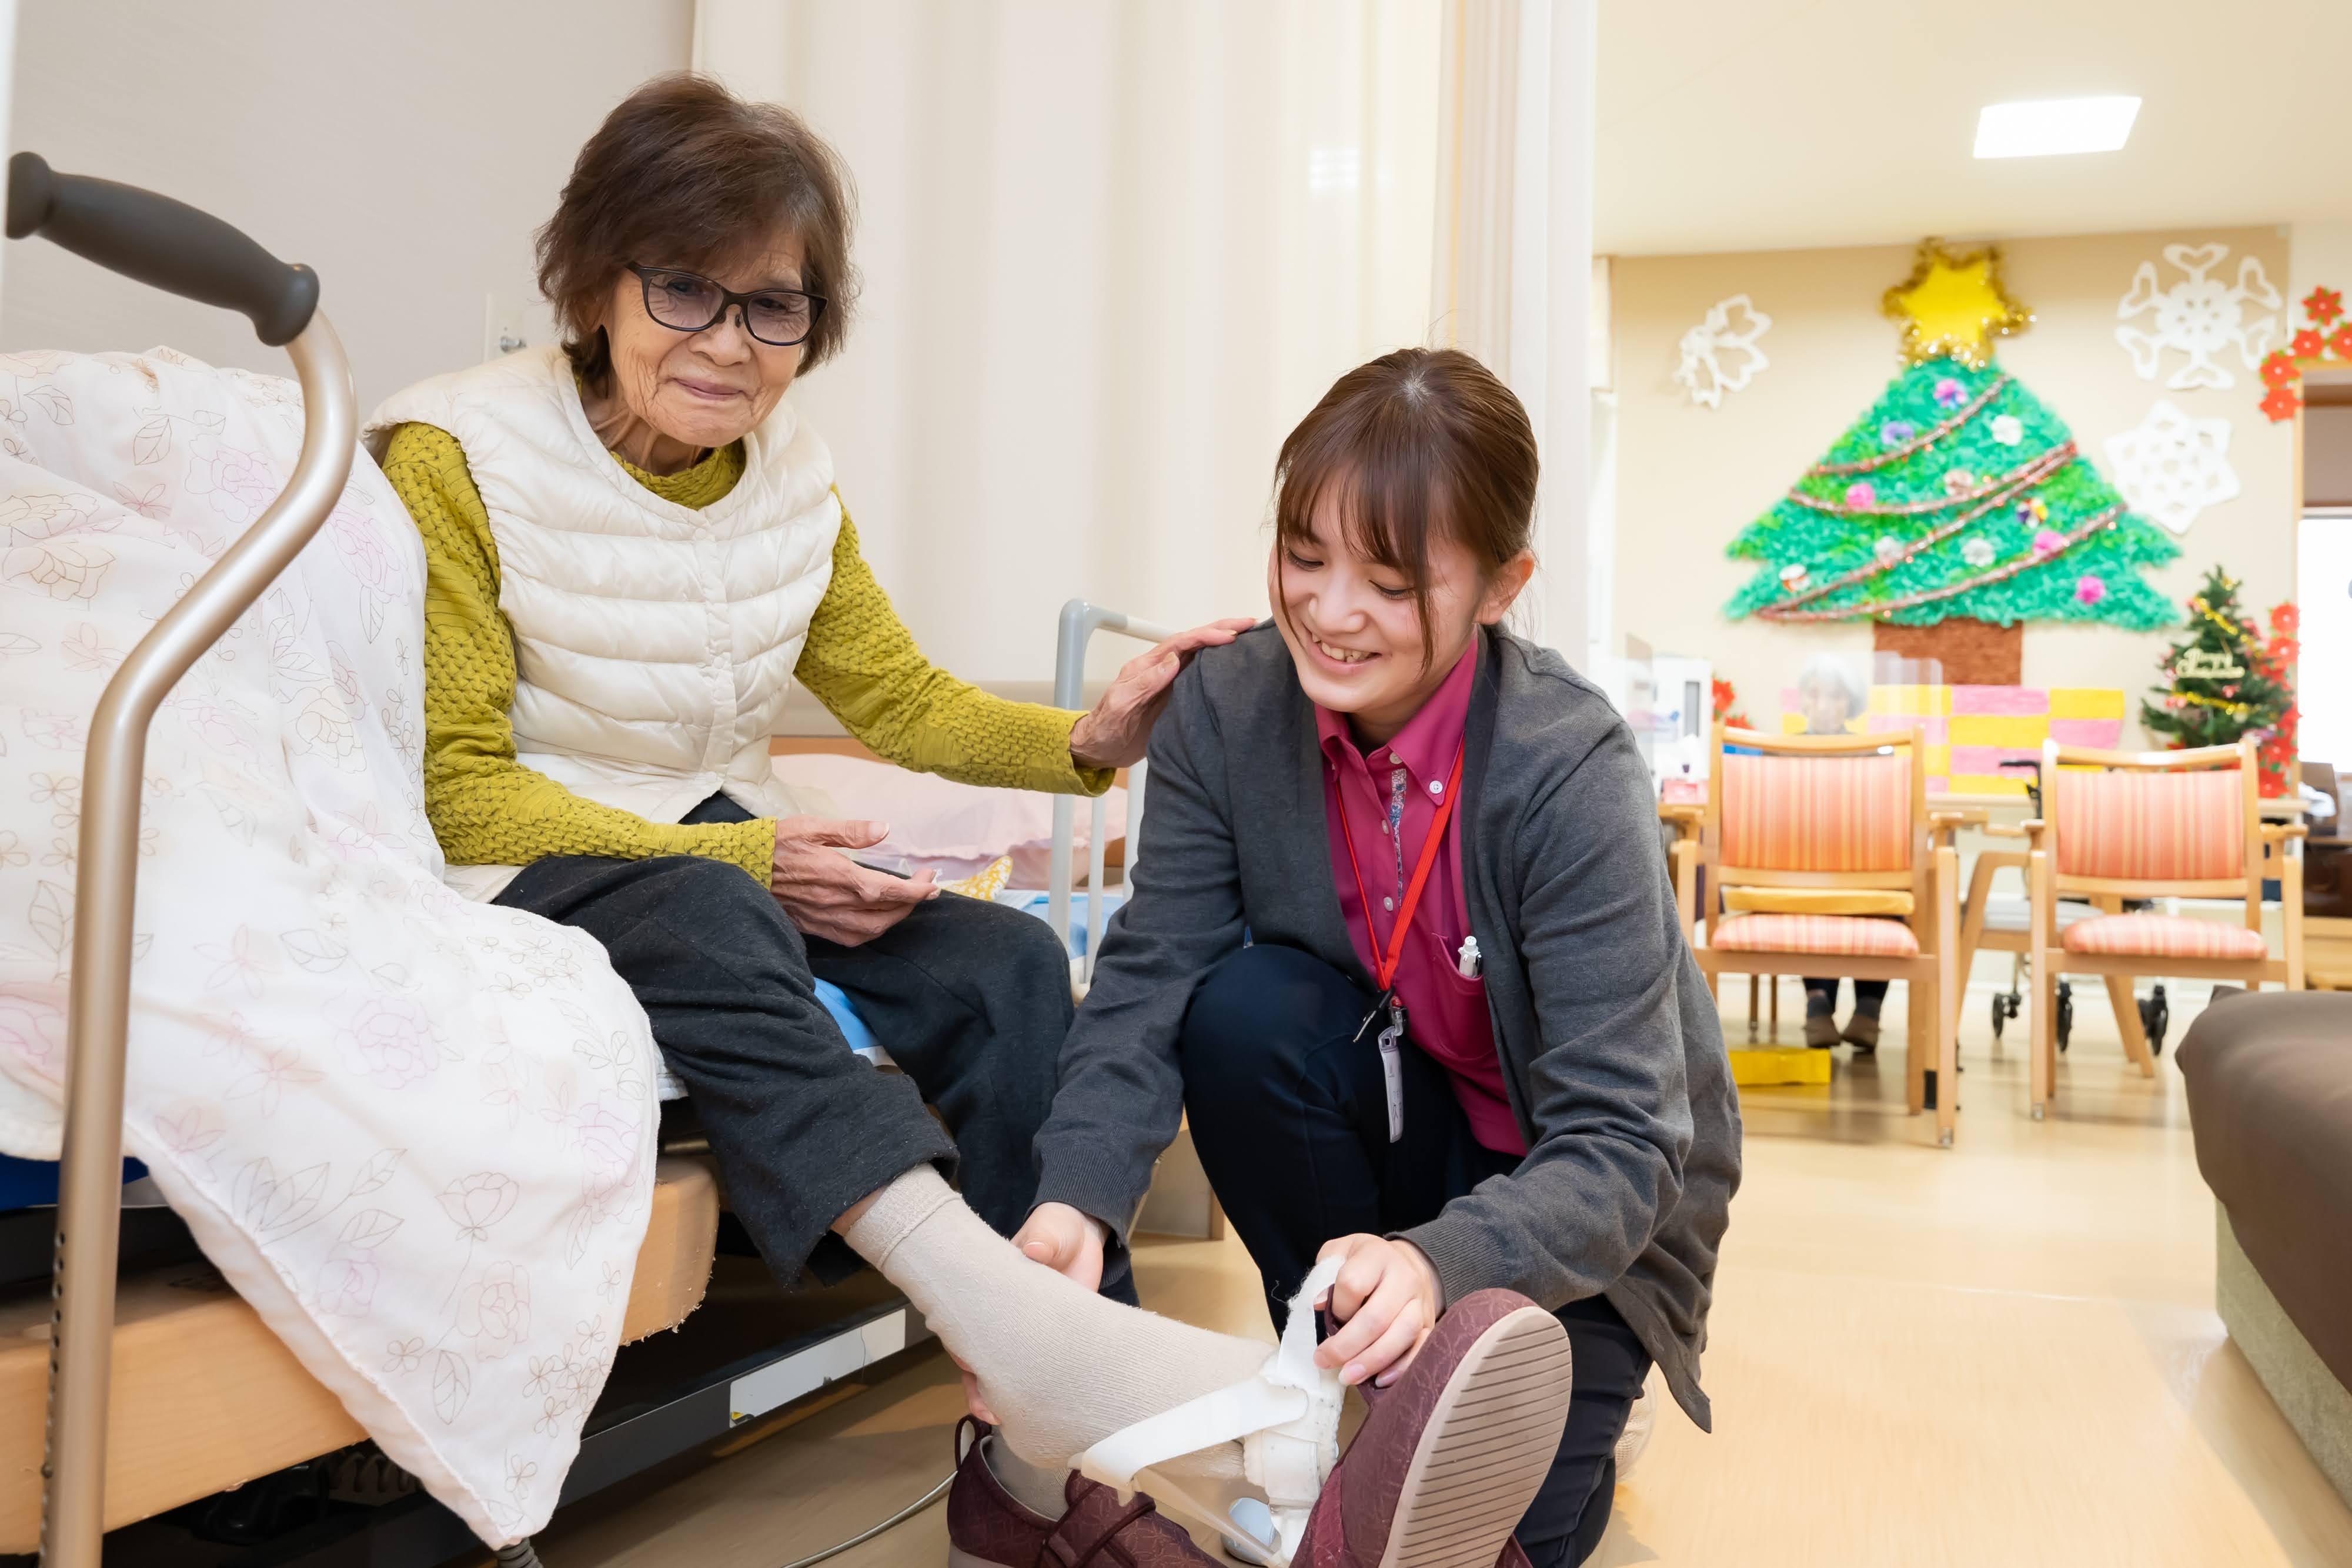 【デイサービスはぁと】介護職員の画像